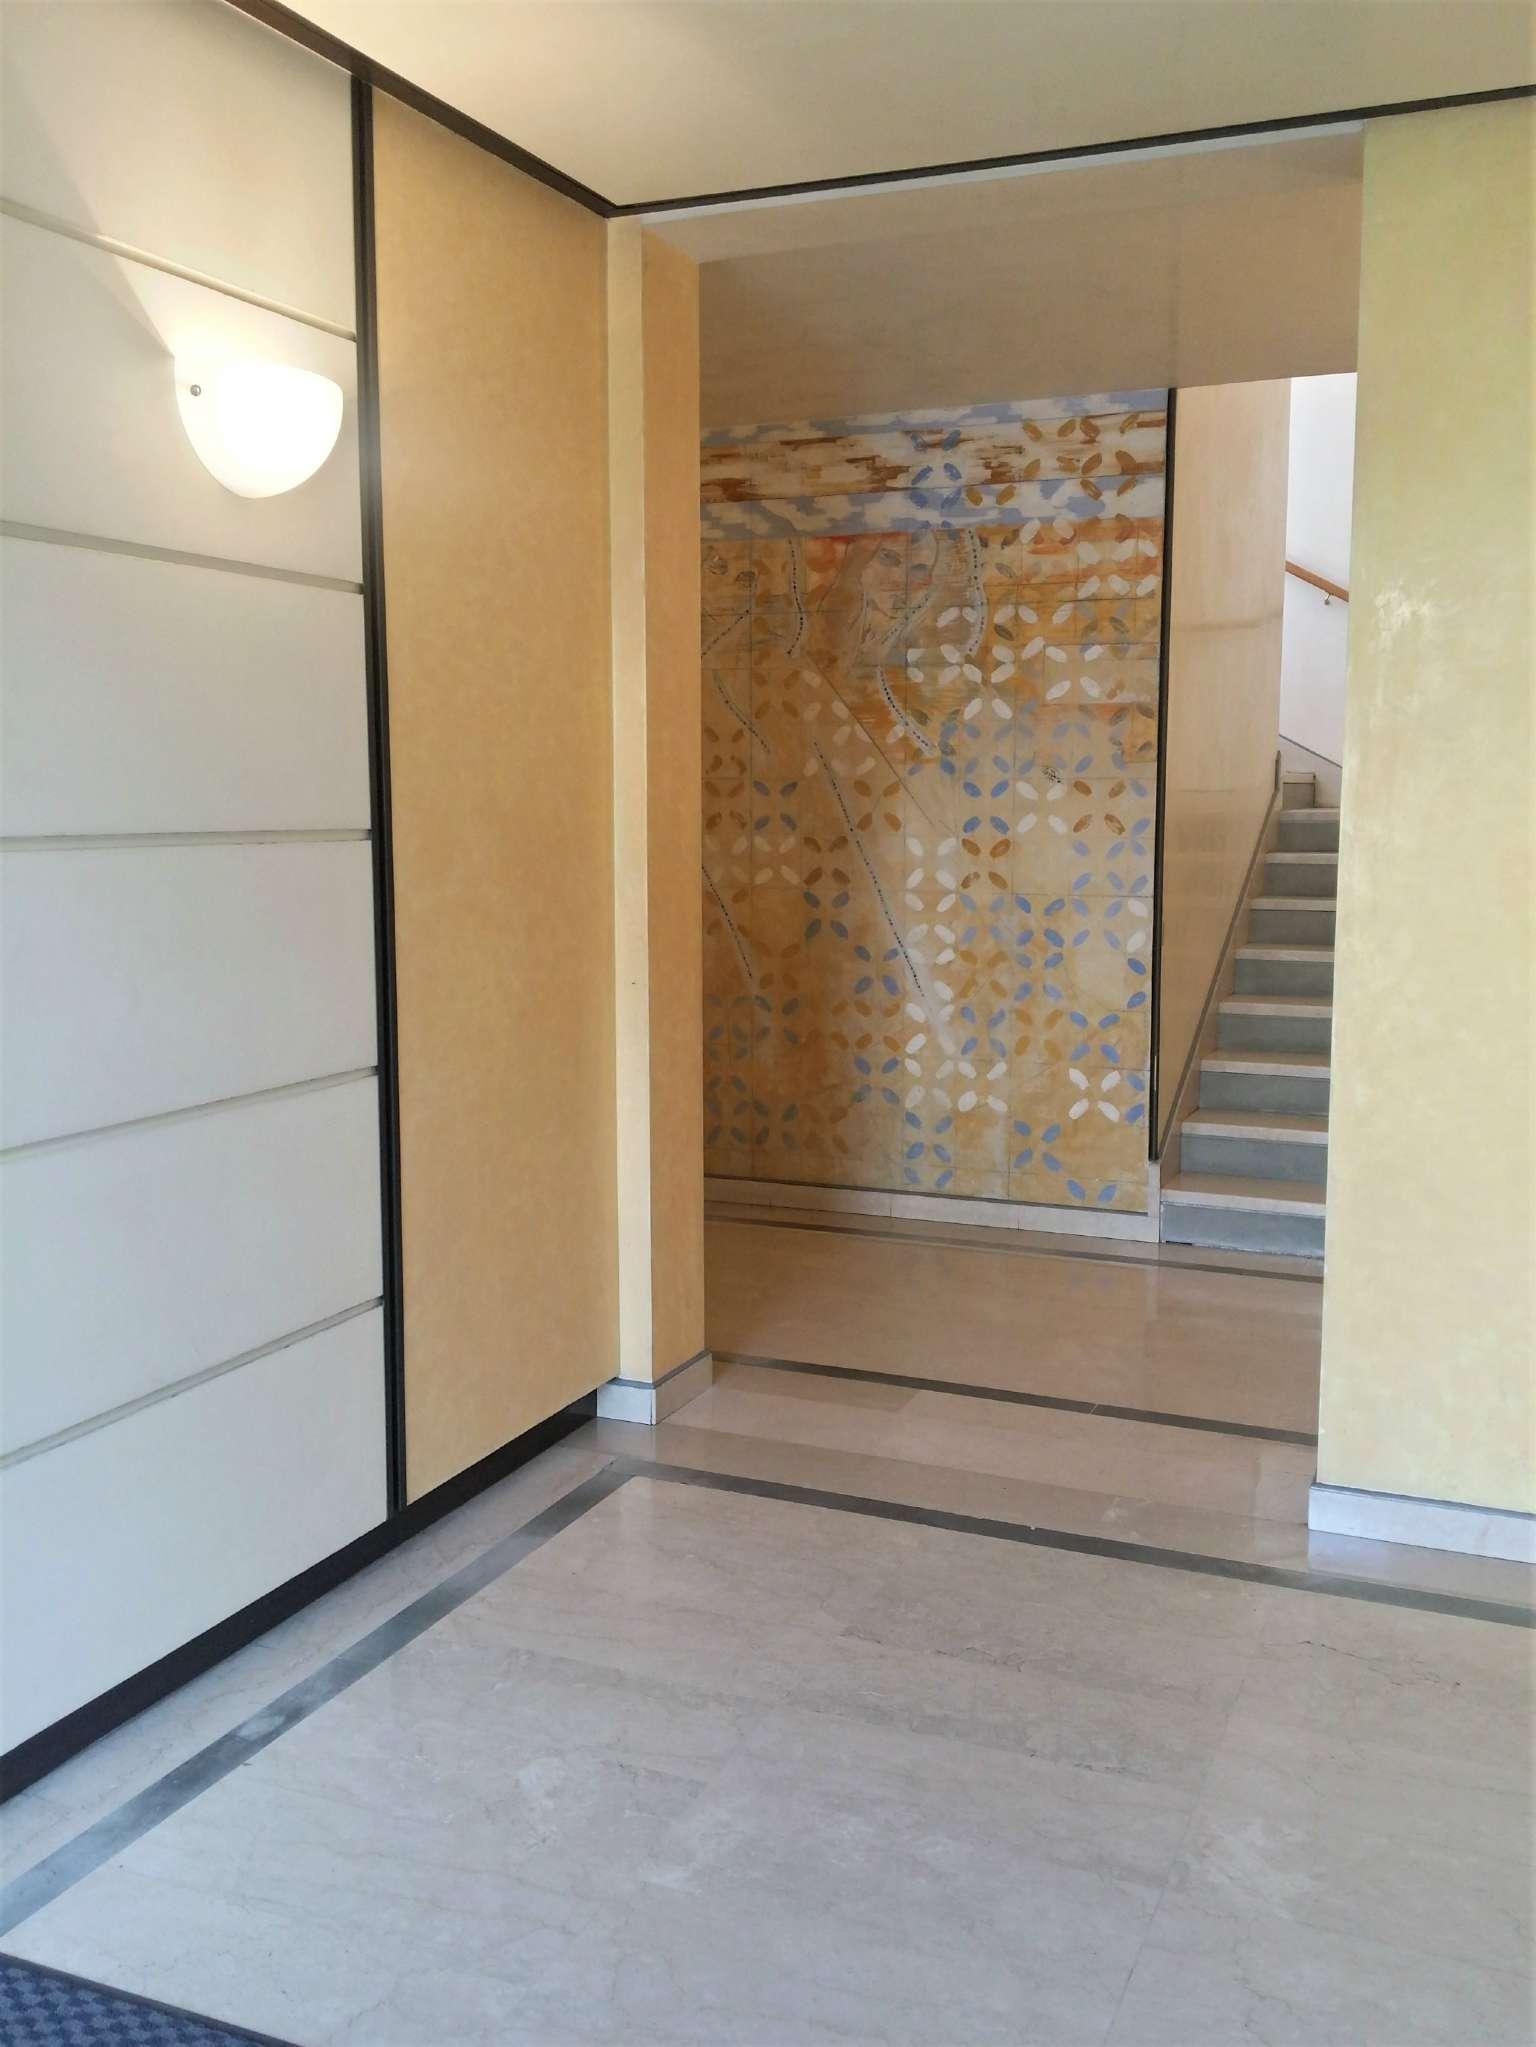 Ufficio / Studio in vendita a Oderzo, 3 locali, prezzo € 180.000 | CambioCasa.it